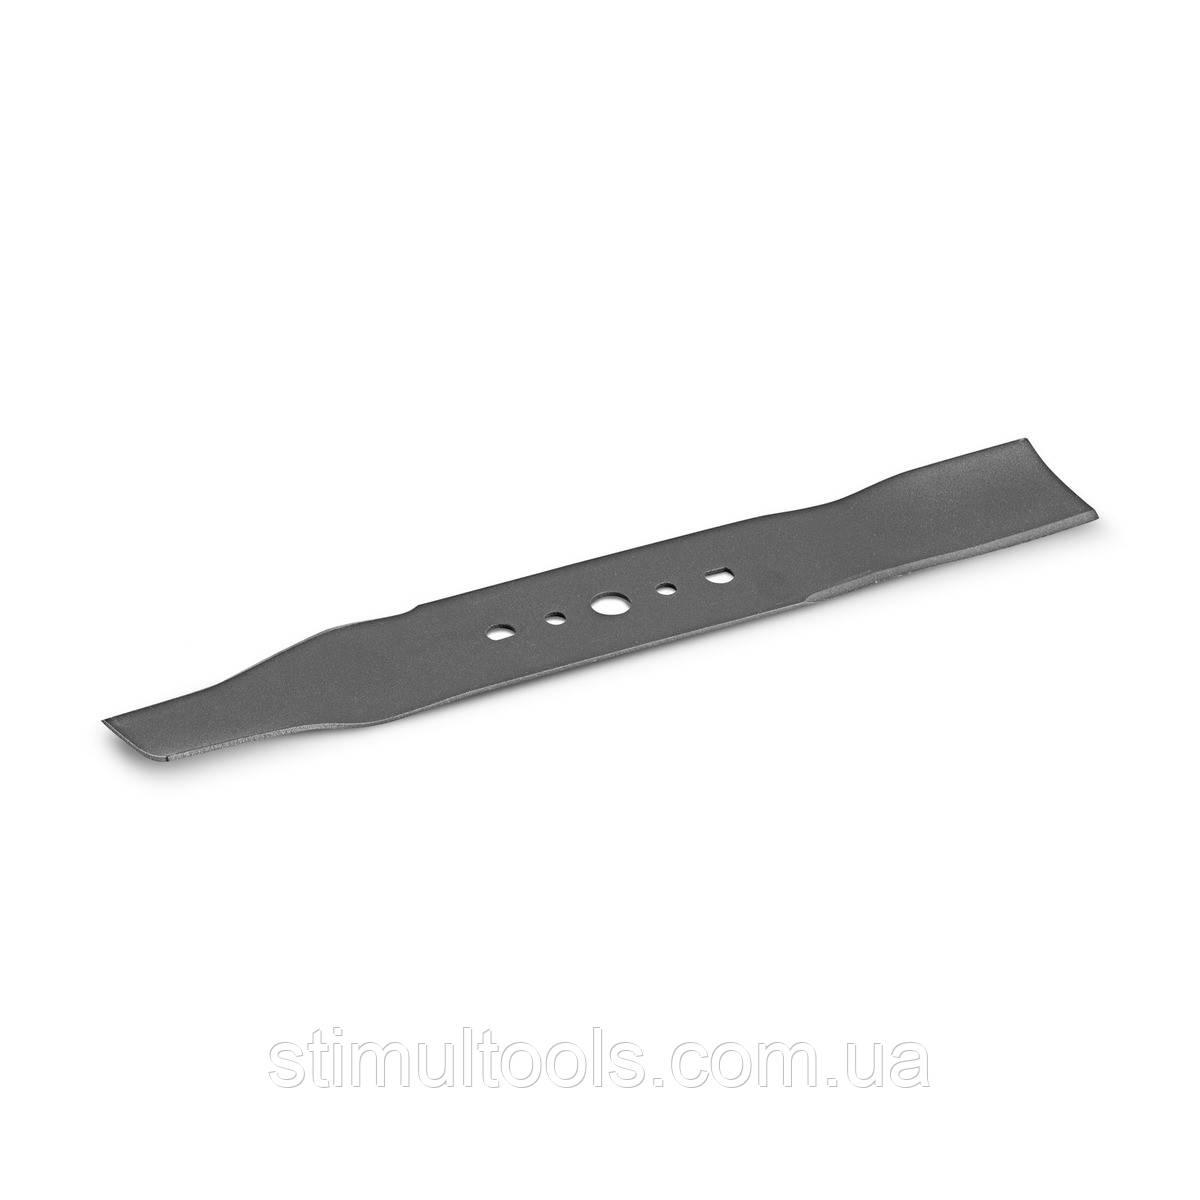 Нож для Karcher LMO 18-33 Battery